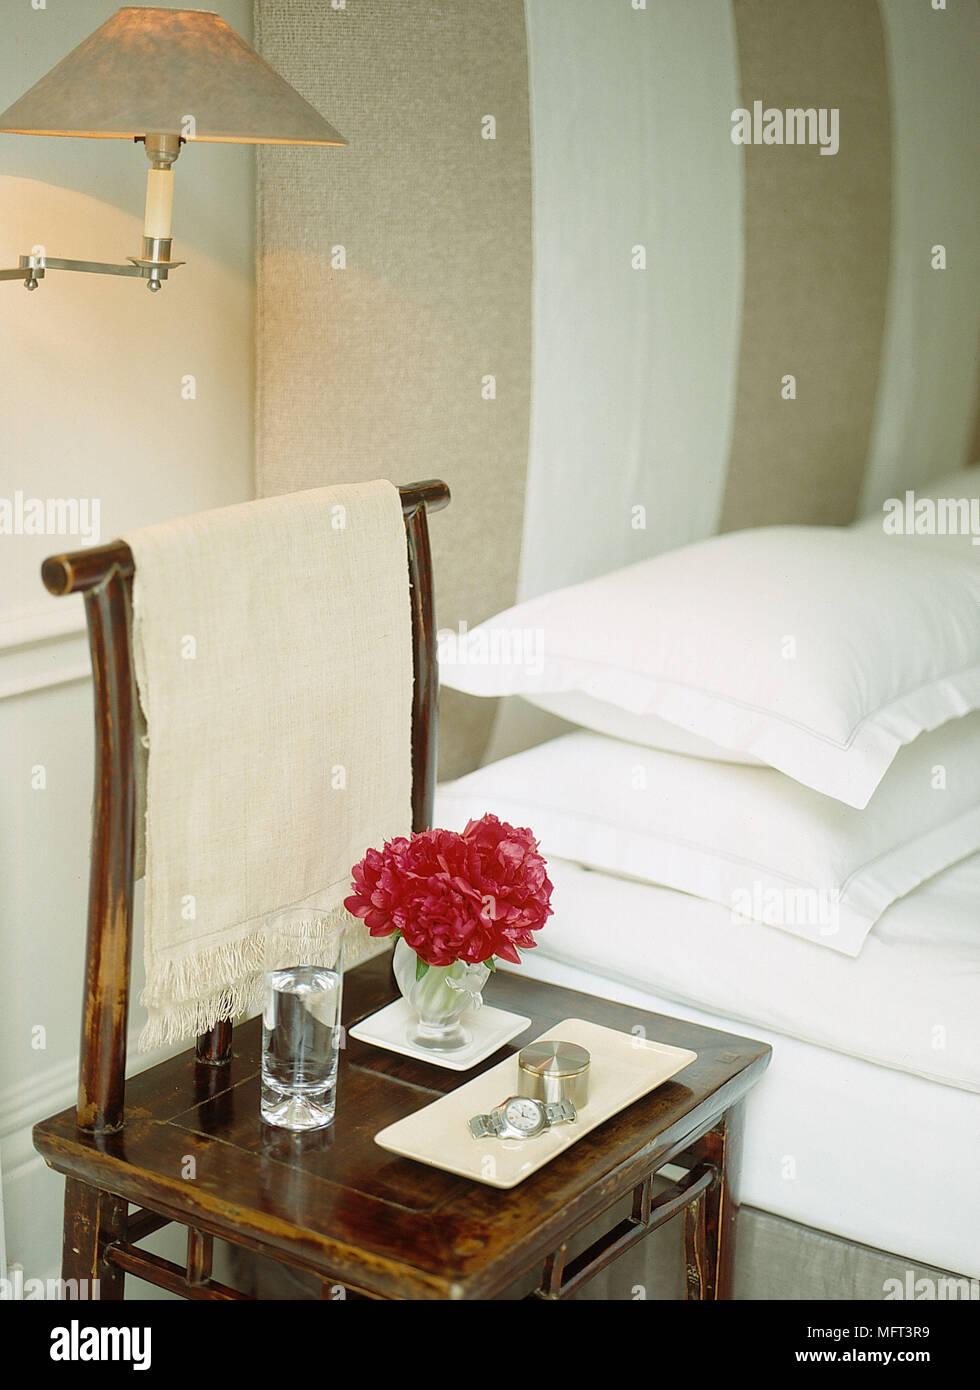 Chambre Lit Moderne Mobilier Oriental Wall Light Beige Blanc Sur Lit Double  Lit Et Taies Du0027chaises Lampe Murale Verre De Lu0027eau Des Fleurs à Gla